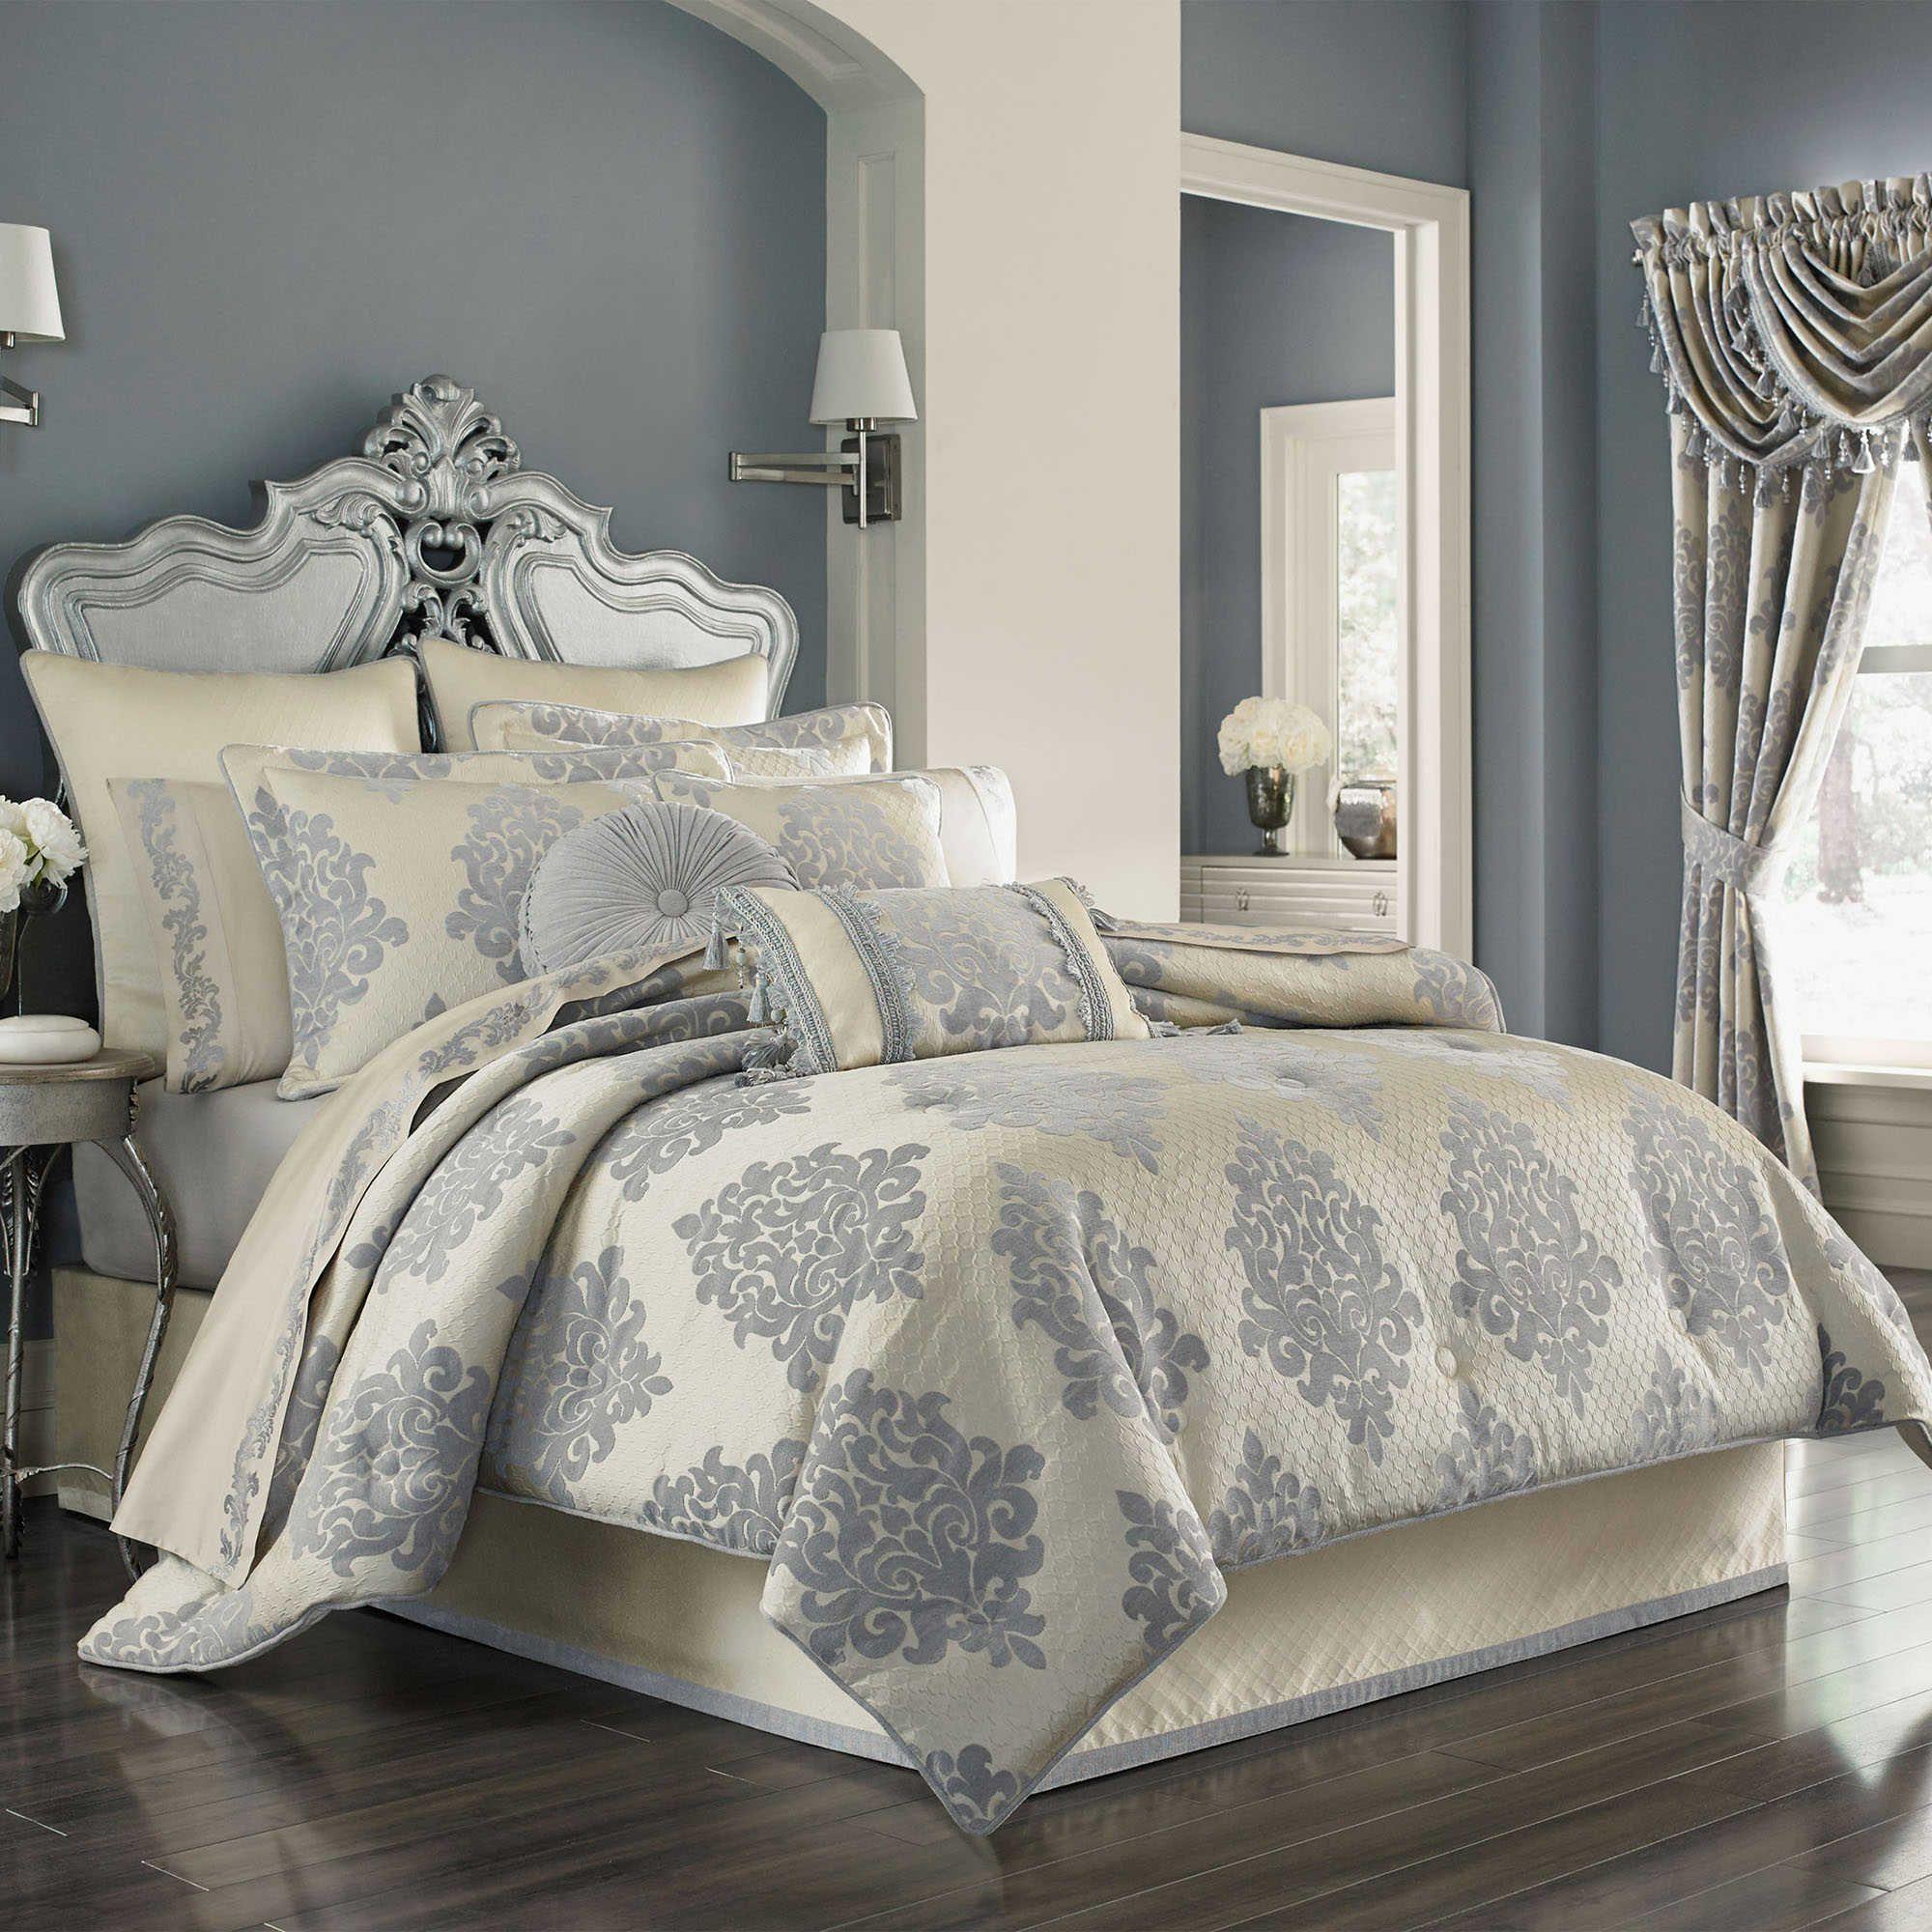 J. Queen New York™ Dante Comforter Set in Cream